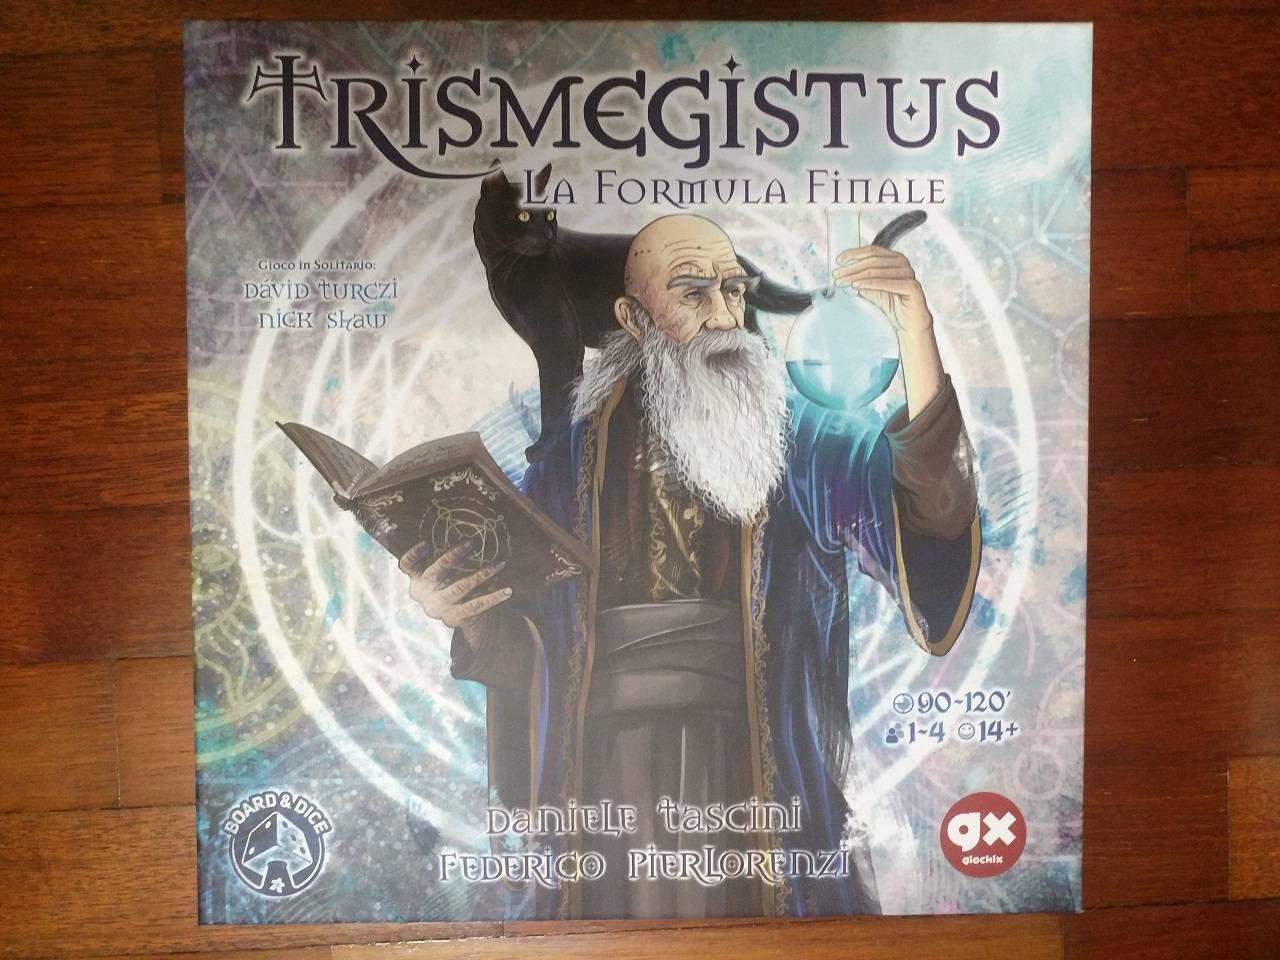 Trismegistus - La Formula Finale